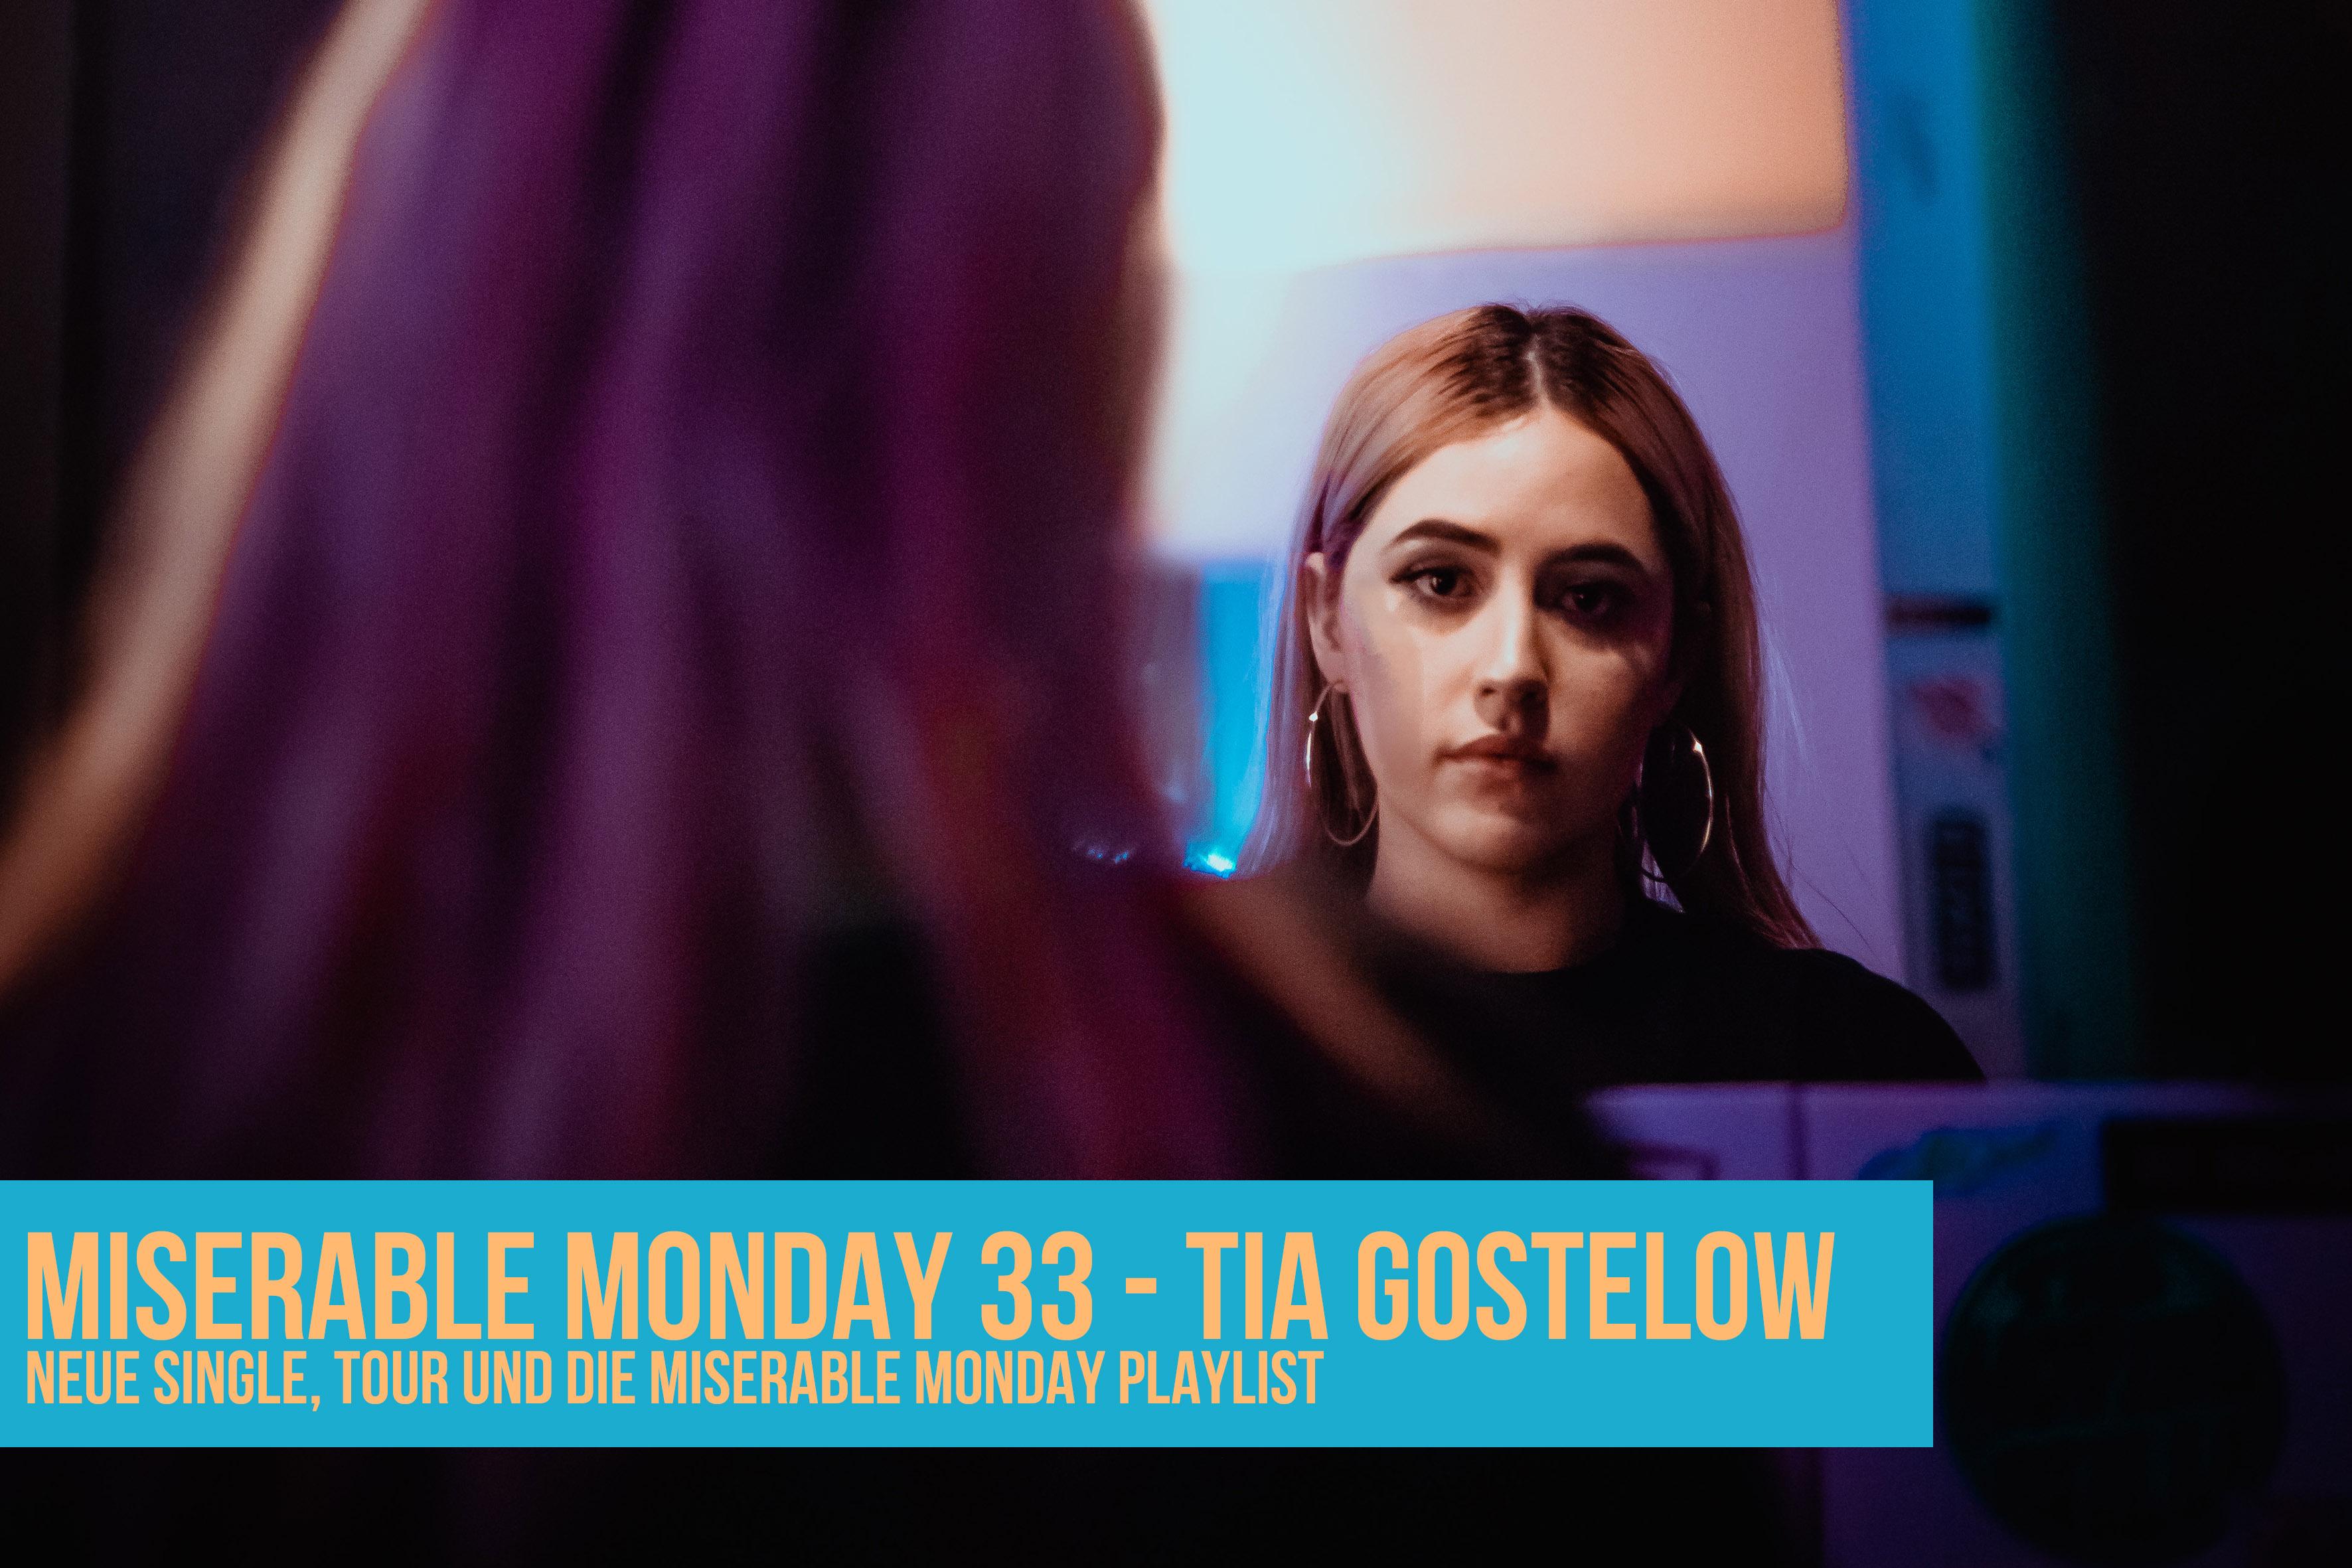 033 - Tia Gostelow